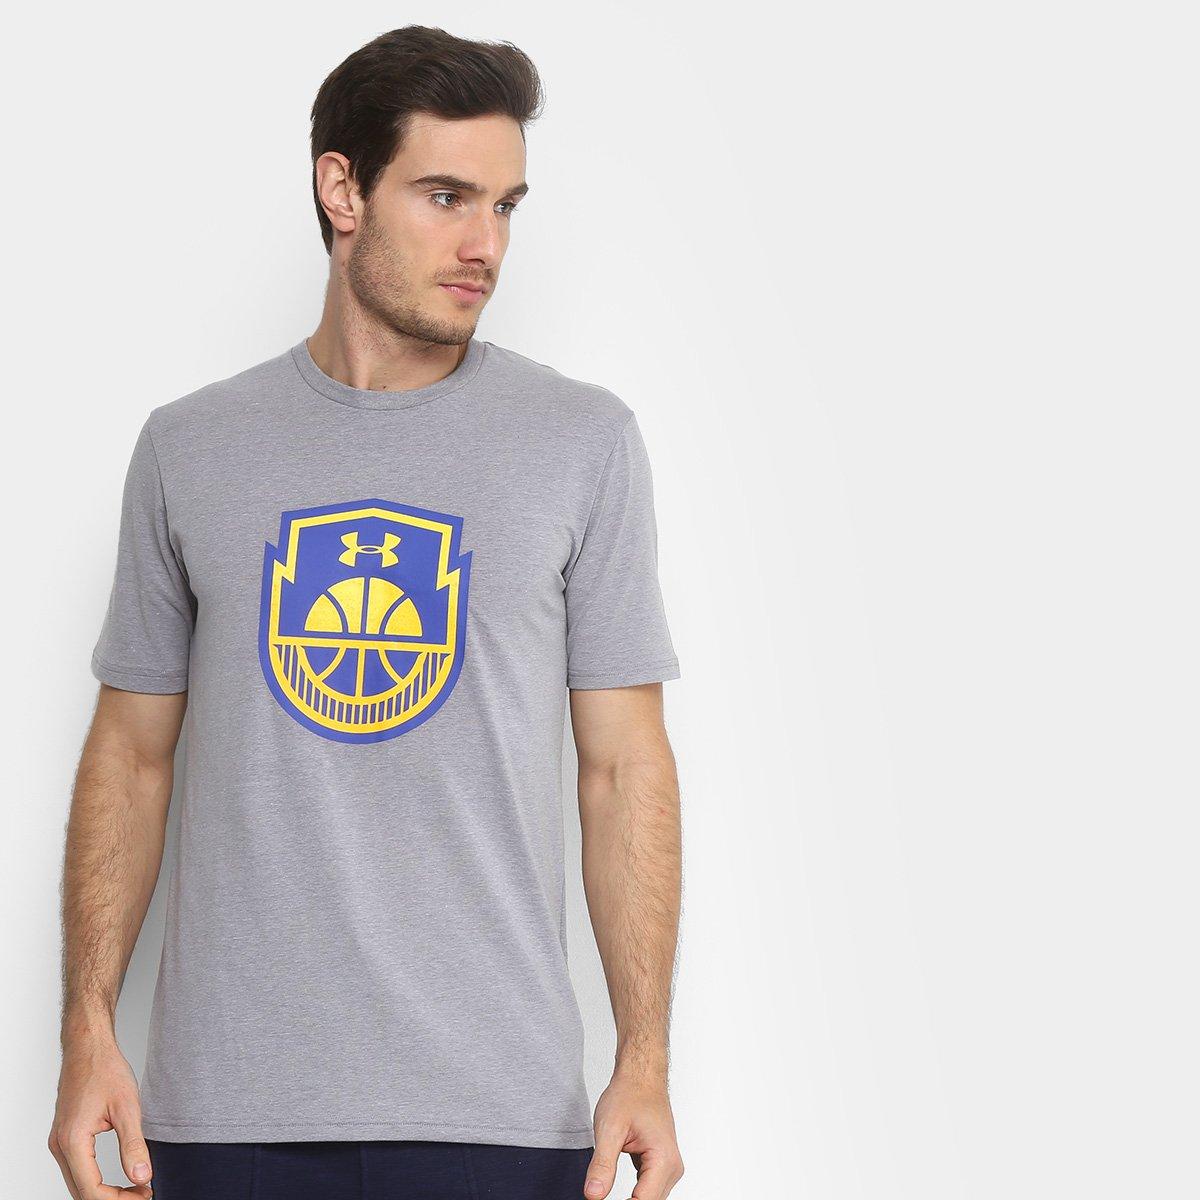 ac09e518162 Camiseta Under Armour Icon SS Masculina - Compre Agora